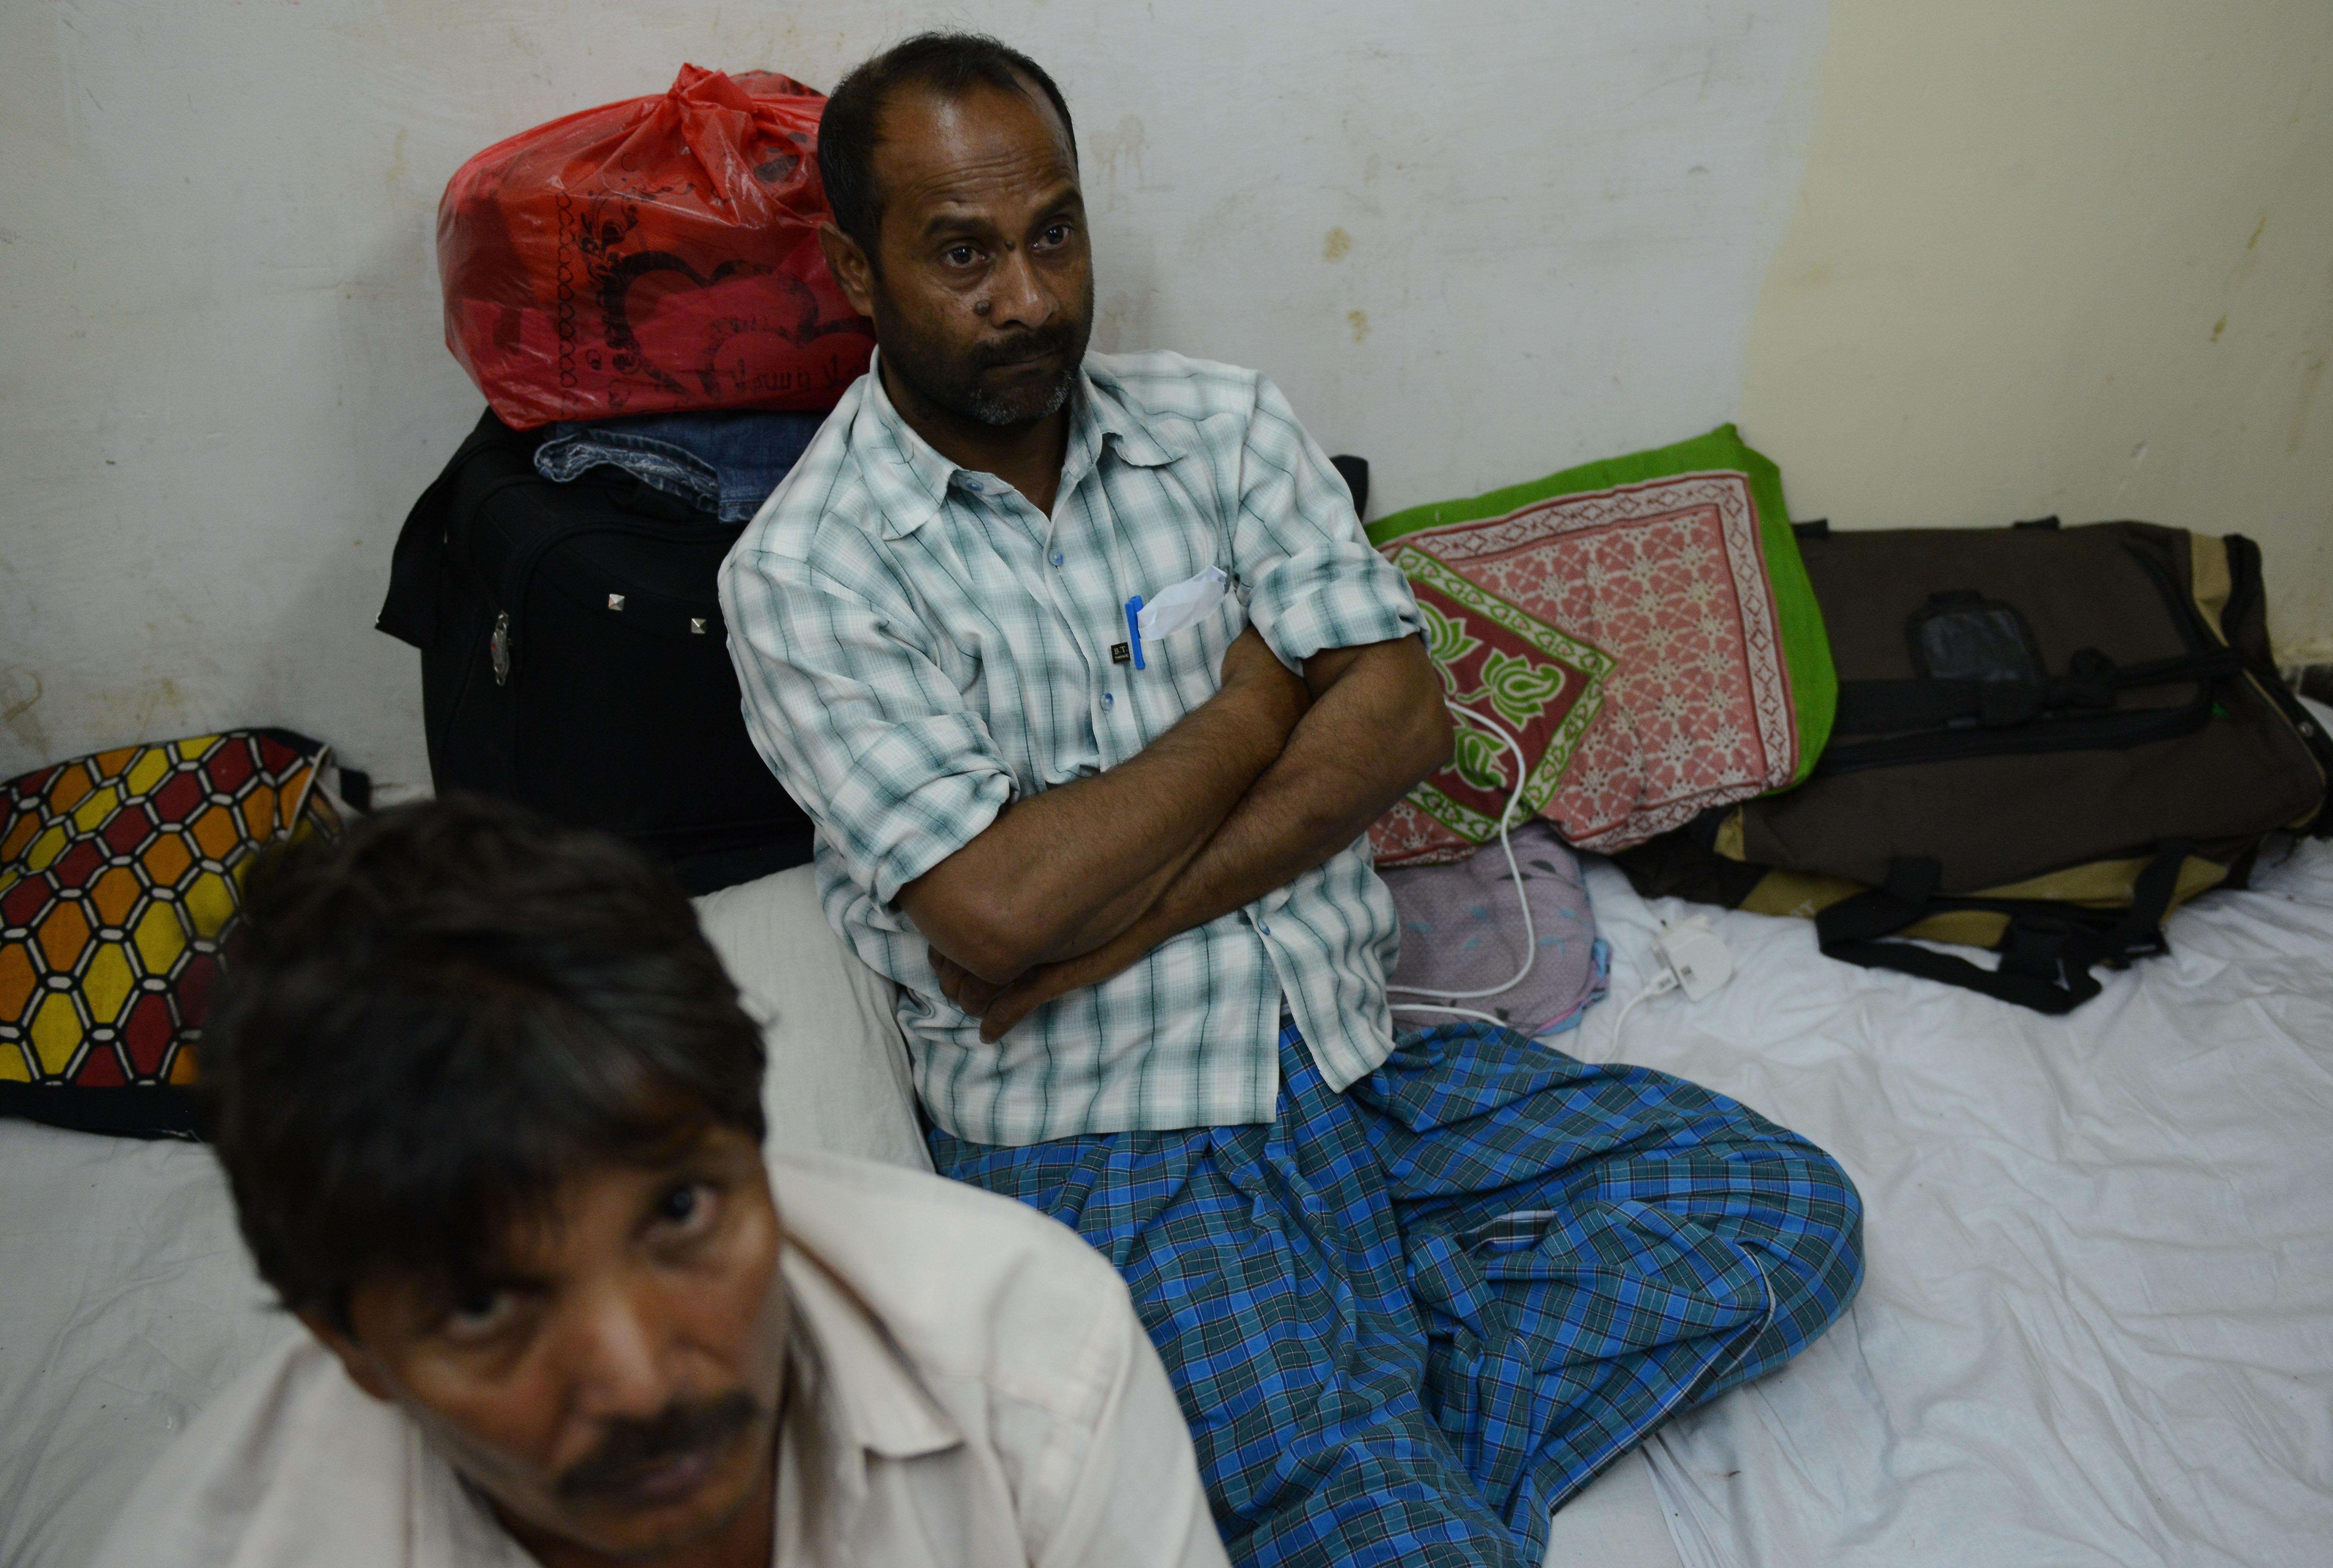 عمال هنود عائدون من السعودية في نيودلهي بانتظار القطار للعودة إلى قراهم في الهند